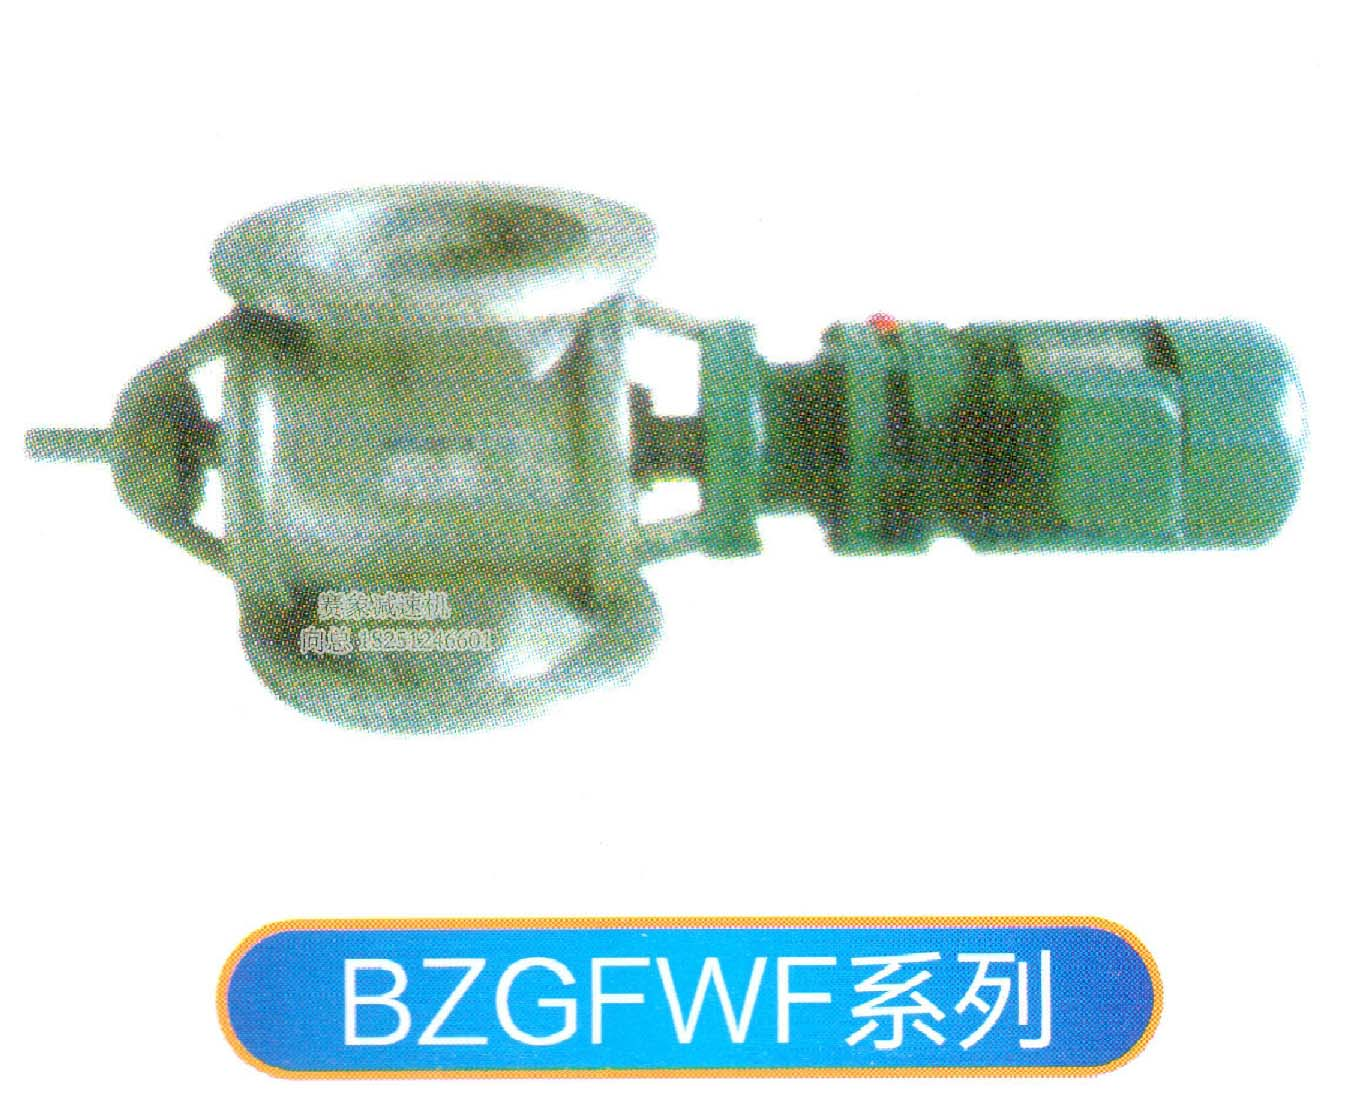 BZGFWF系列关风机